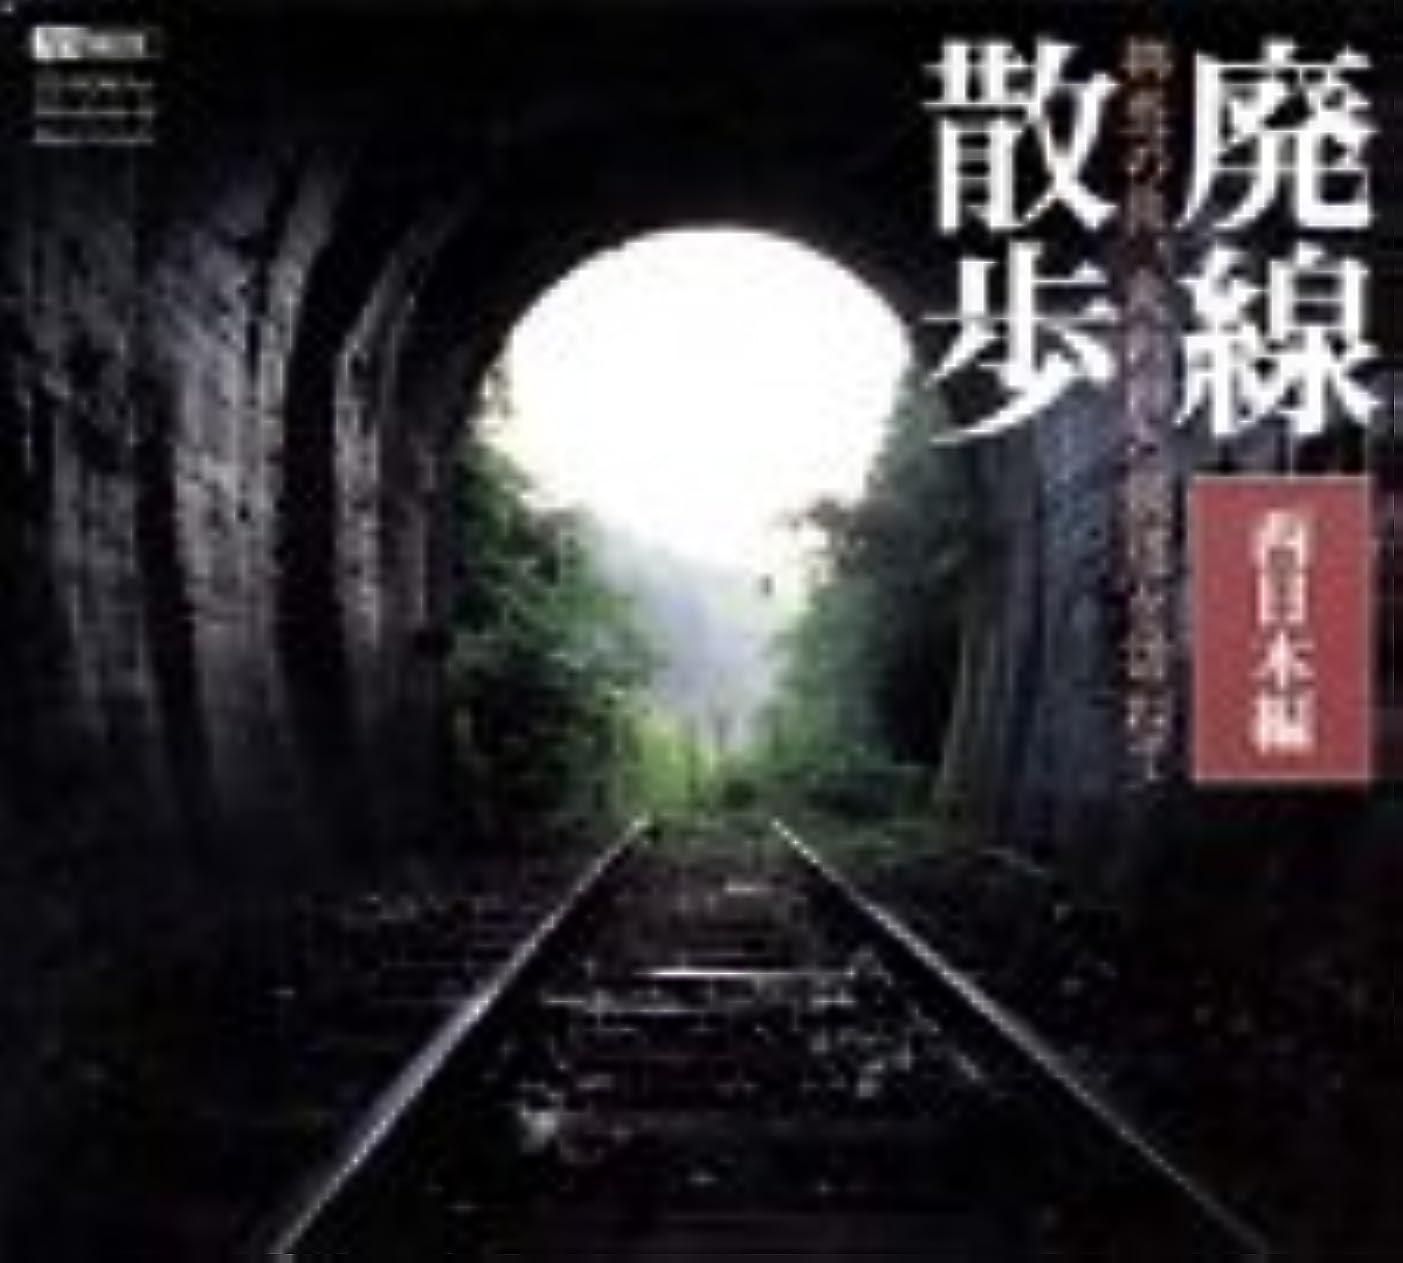 ピカリング罰するつまずく廃線散歩 失われた鉄道を訪ねて 西日本編